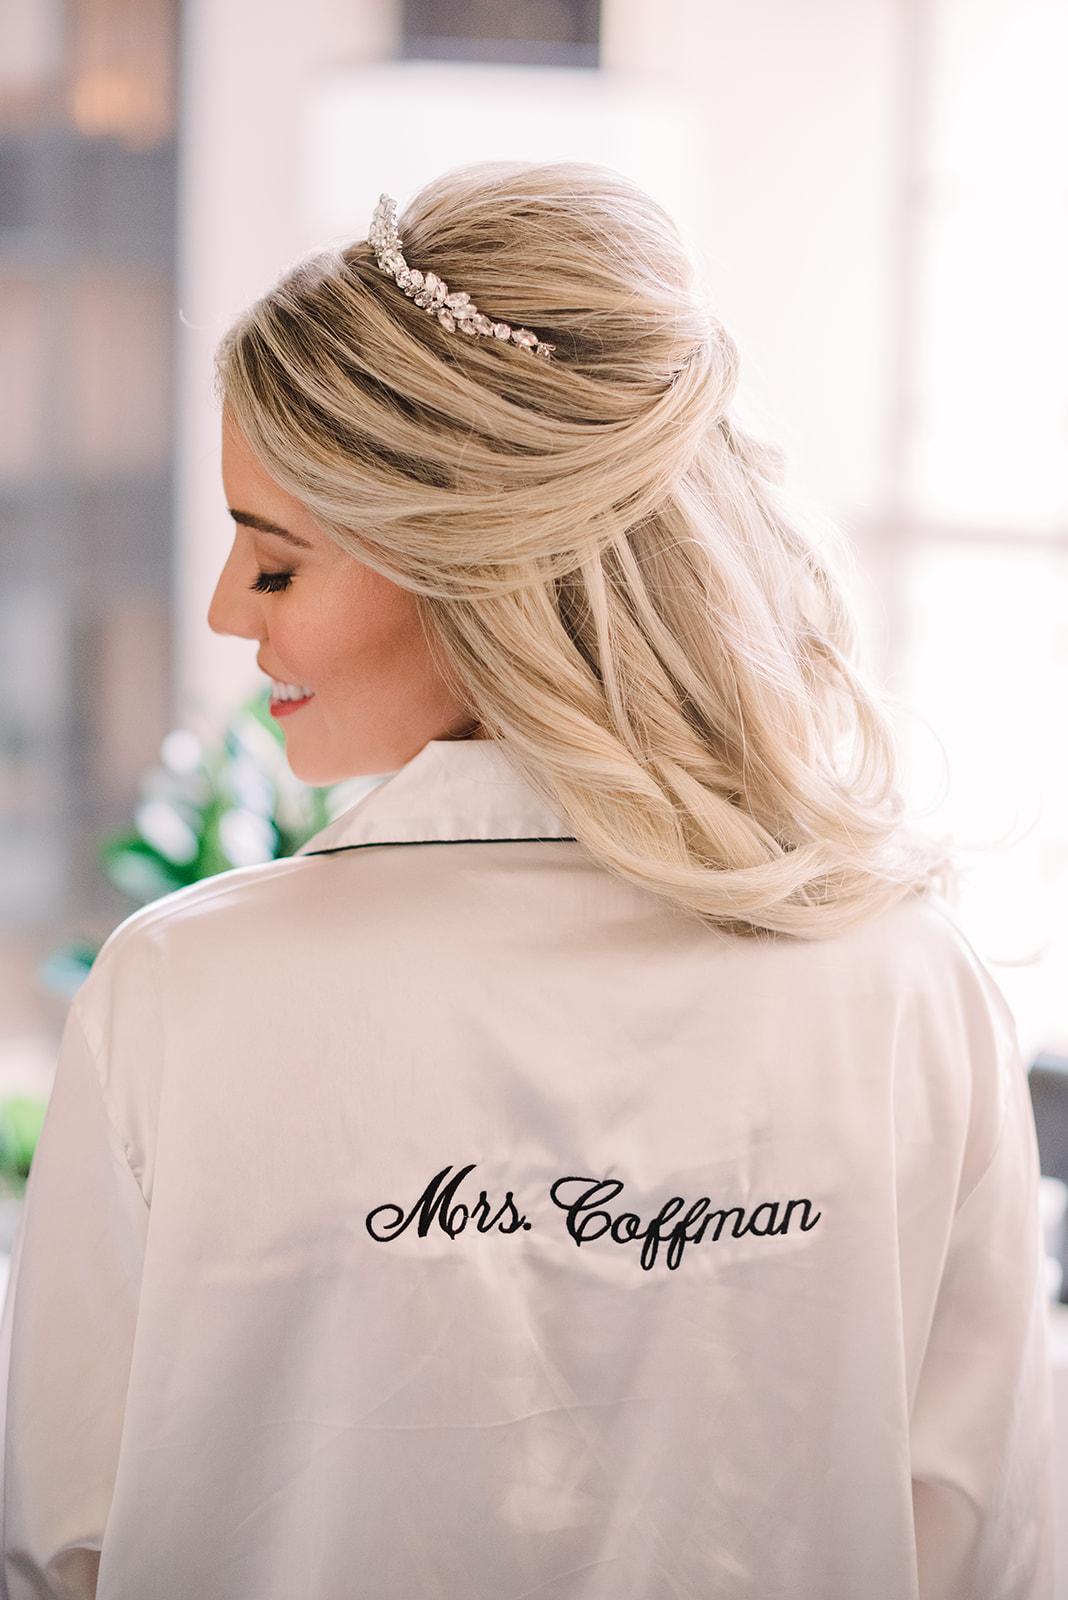 Coffman_Wedding-8100.jpg